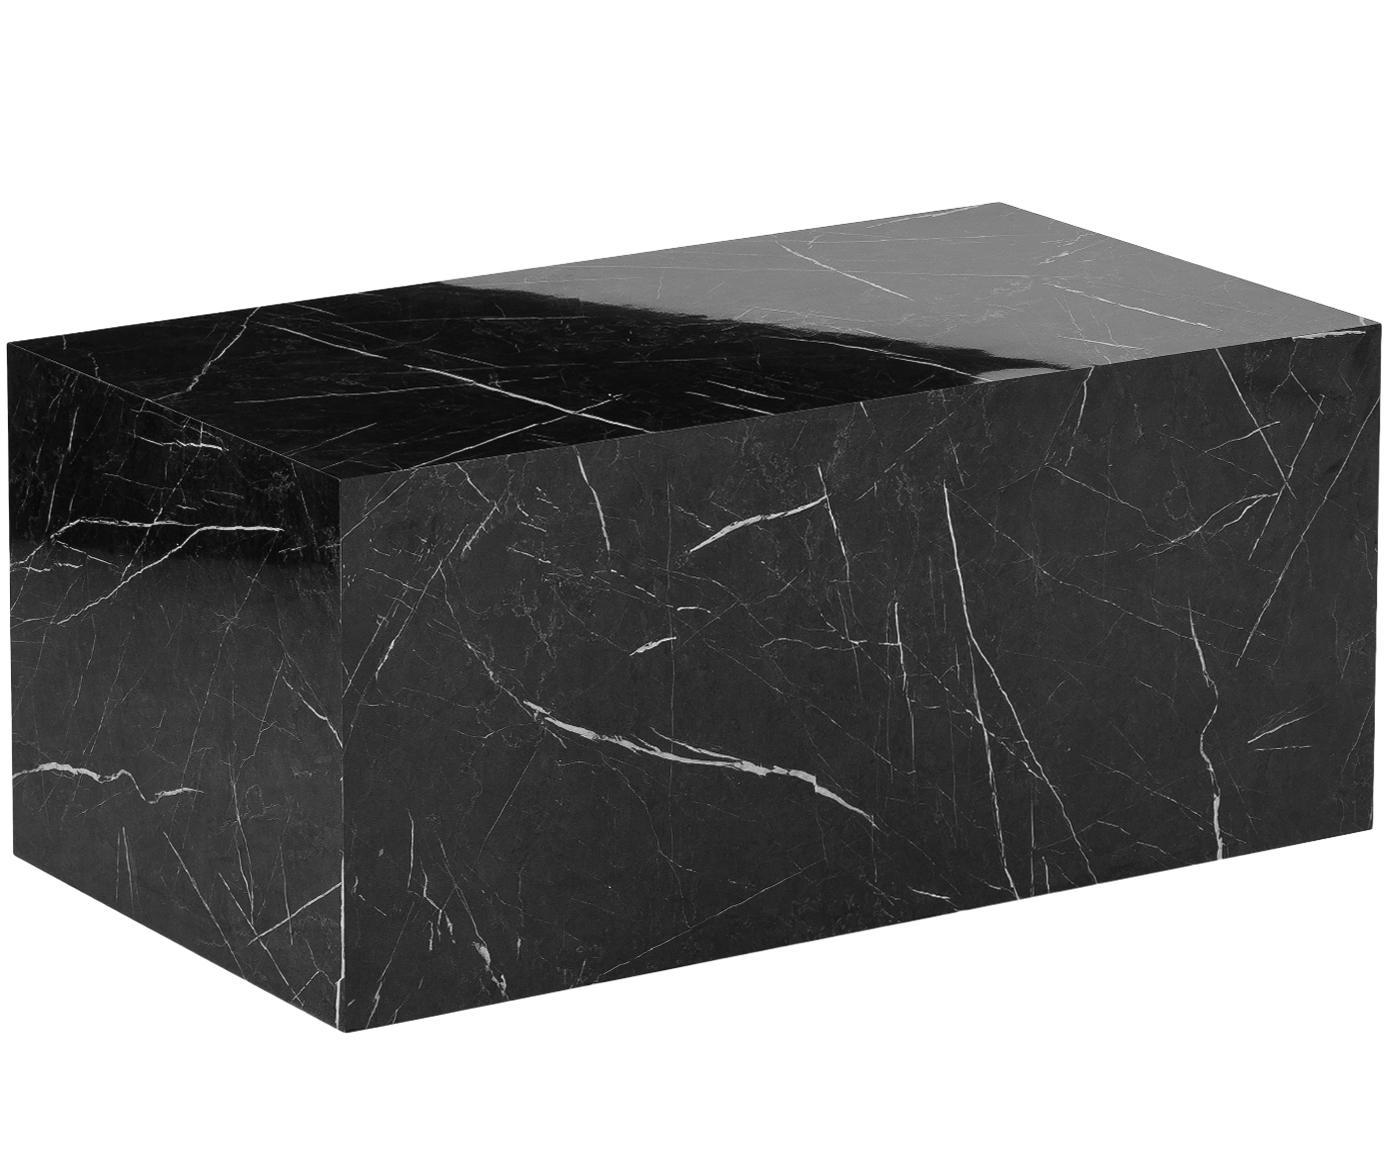 Tavolino da salotto effetto marmo Lesley, Pannello di fibra a media densità (MDF) rivestito con foglio di melamina, Nero marmorizzato, Larg. 90 x Prof. 50 cm